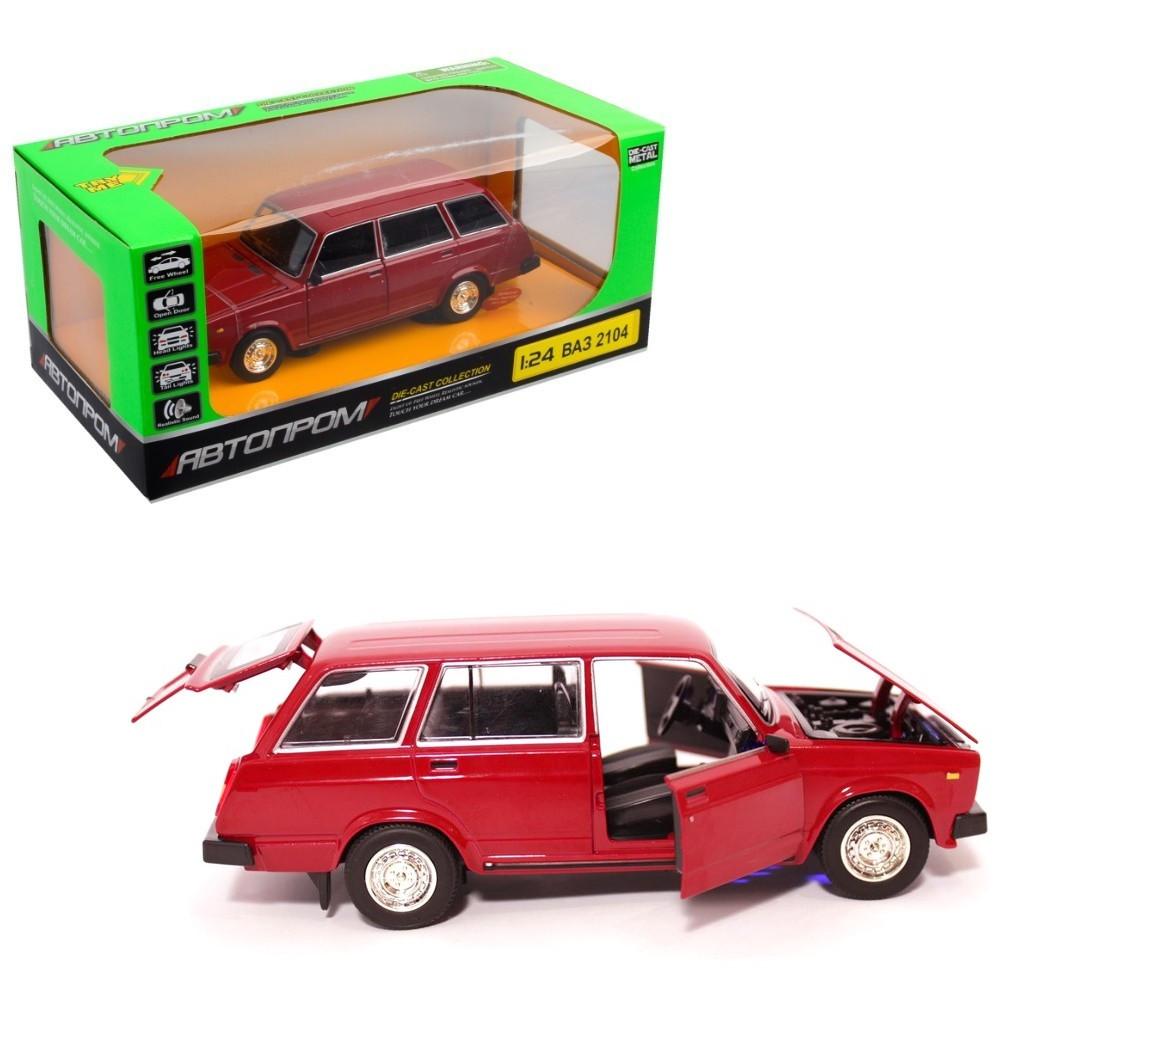 Игровая машинка металлическая Автопром модель ВАЗ 2104 1:24 свет передних и задних фар (3 цвета)